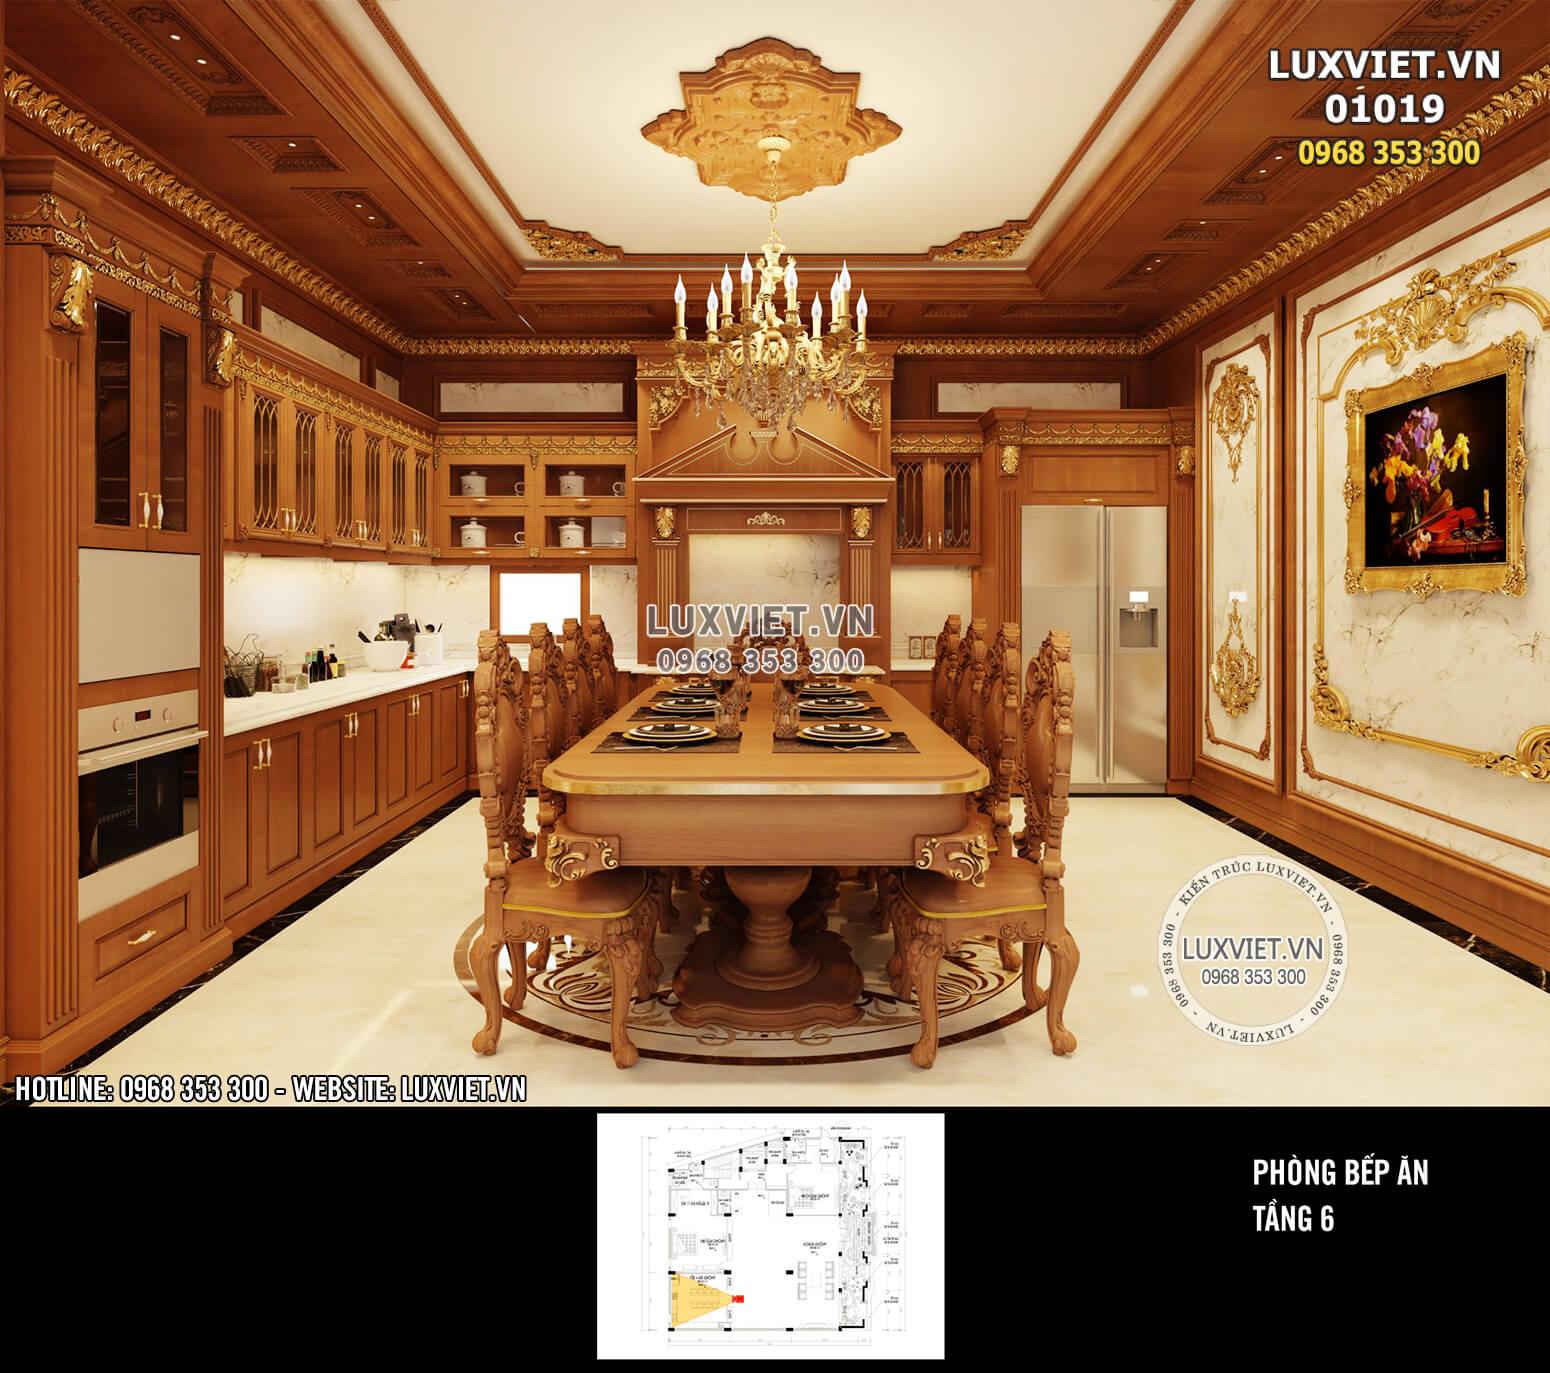 Hình ảnh: Không gian bếp ăn sang trọng và xa hoa - LV 01019